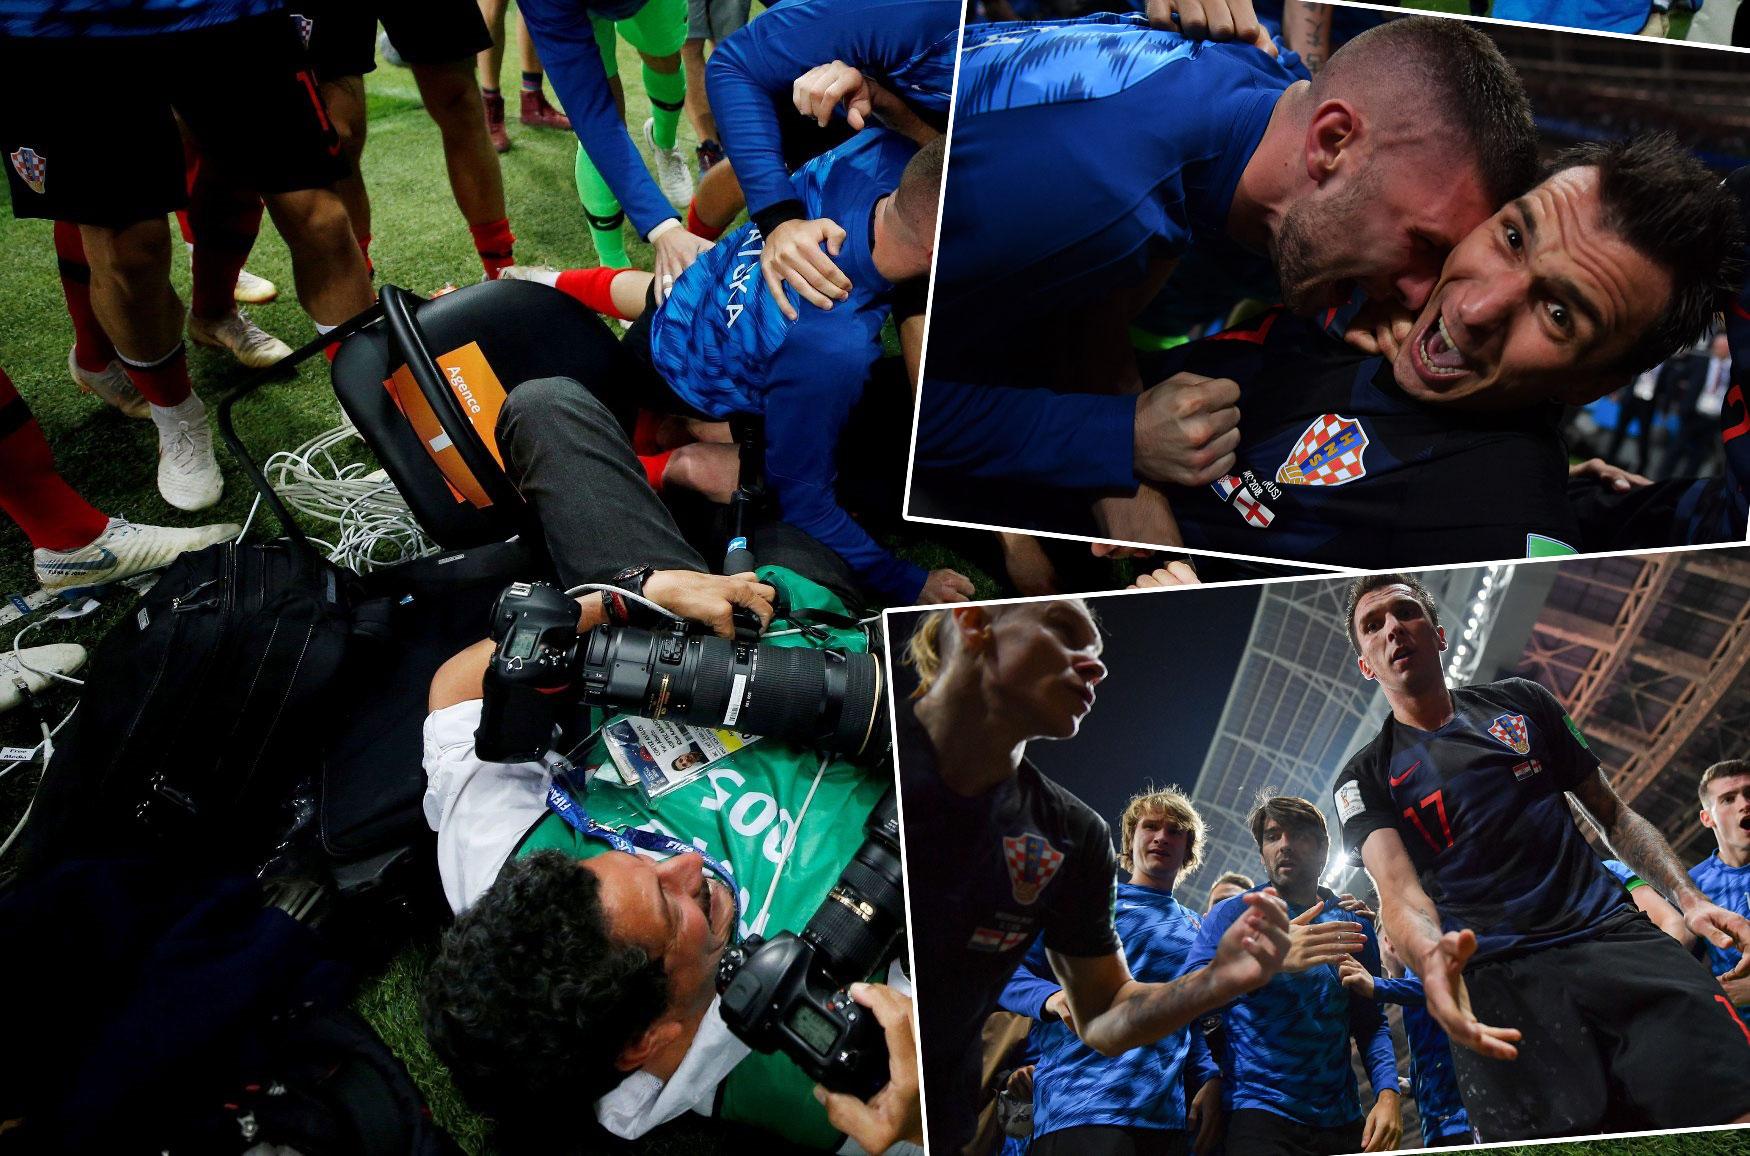 lijevo: Yuri Cortez iz objektiva Reutersova fotoreportera; desno: fotografije koje je Cortez snimio nakon rušenja na tlo